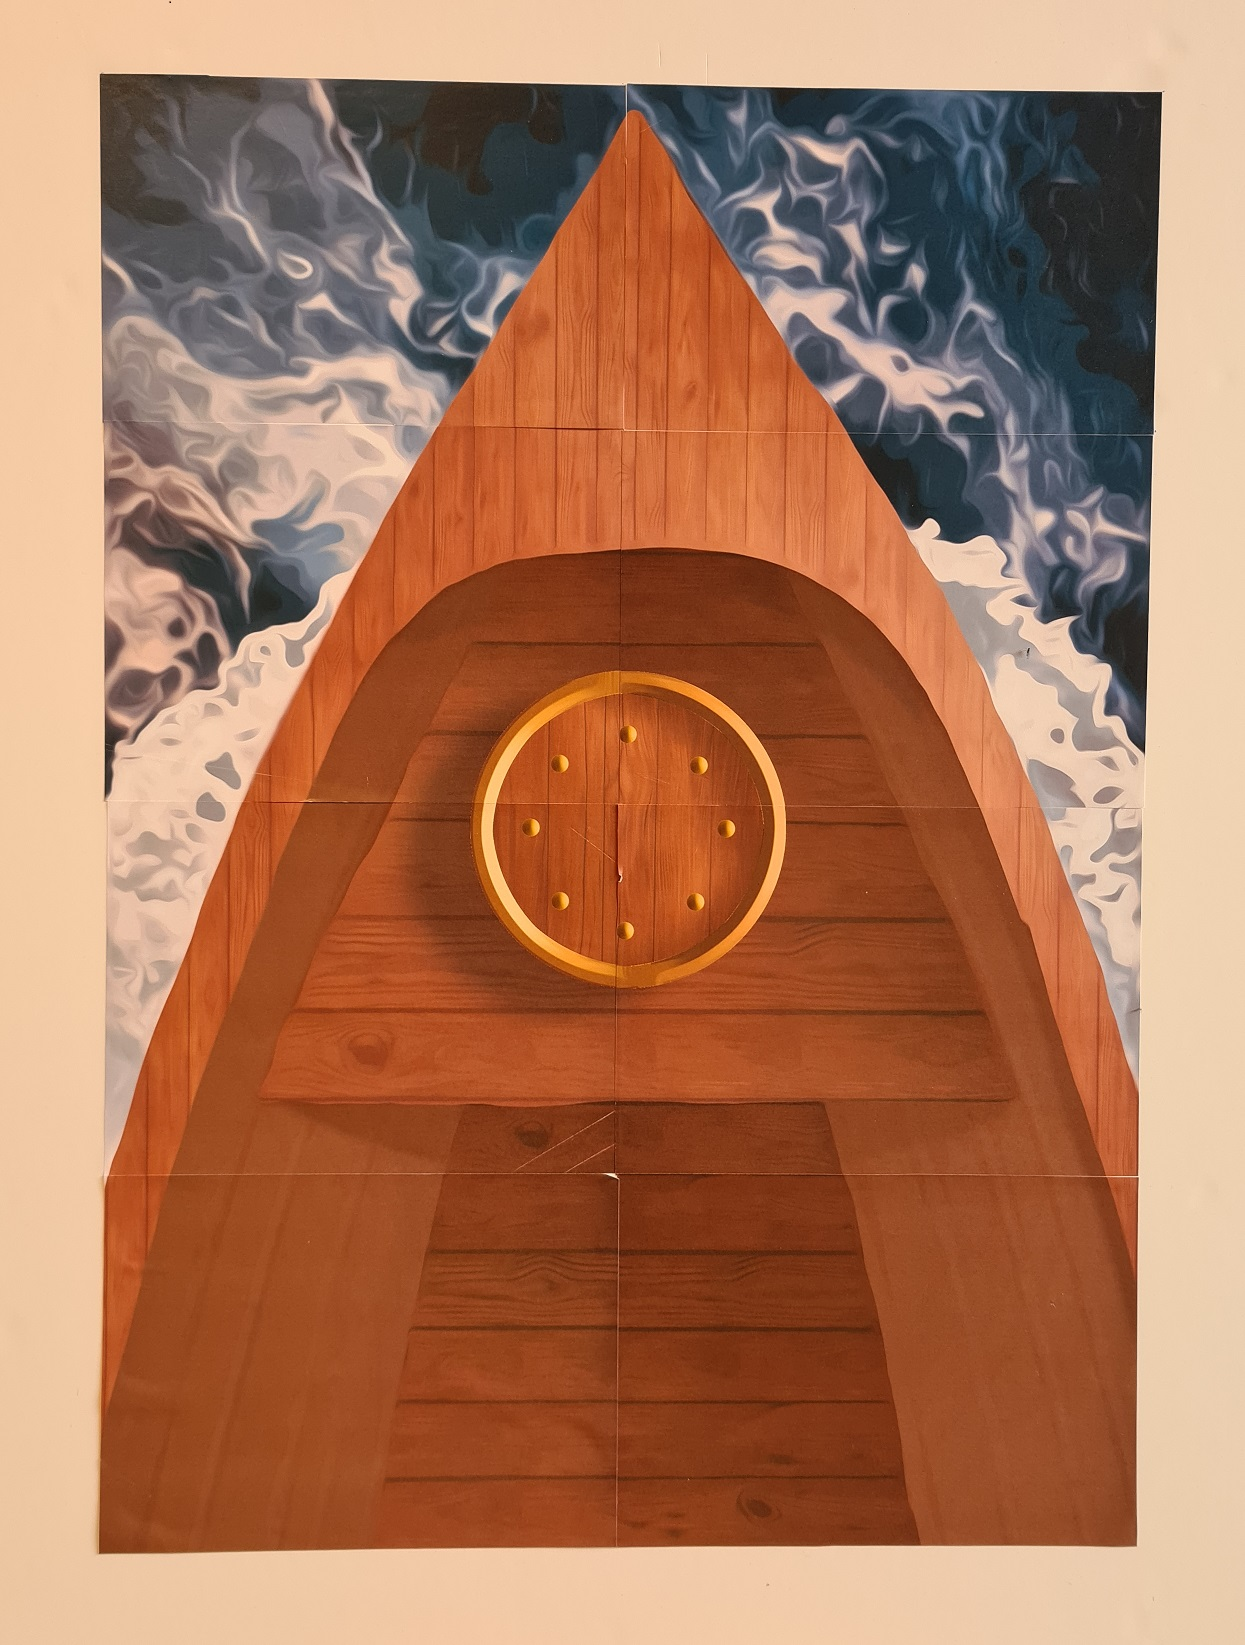 La prua di una barca con le acque agitate